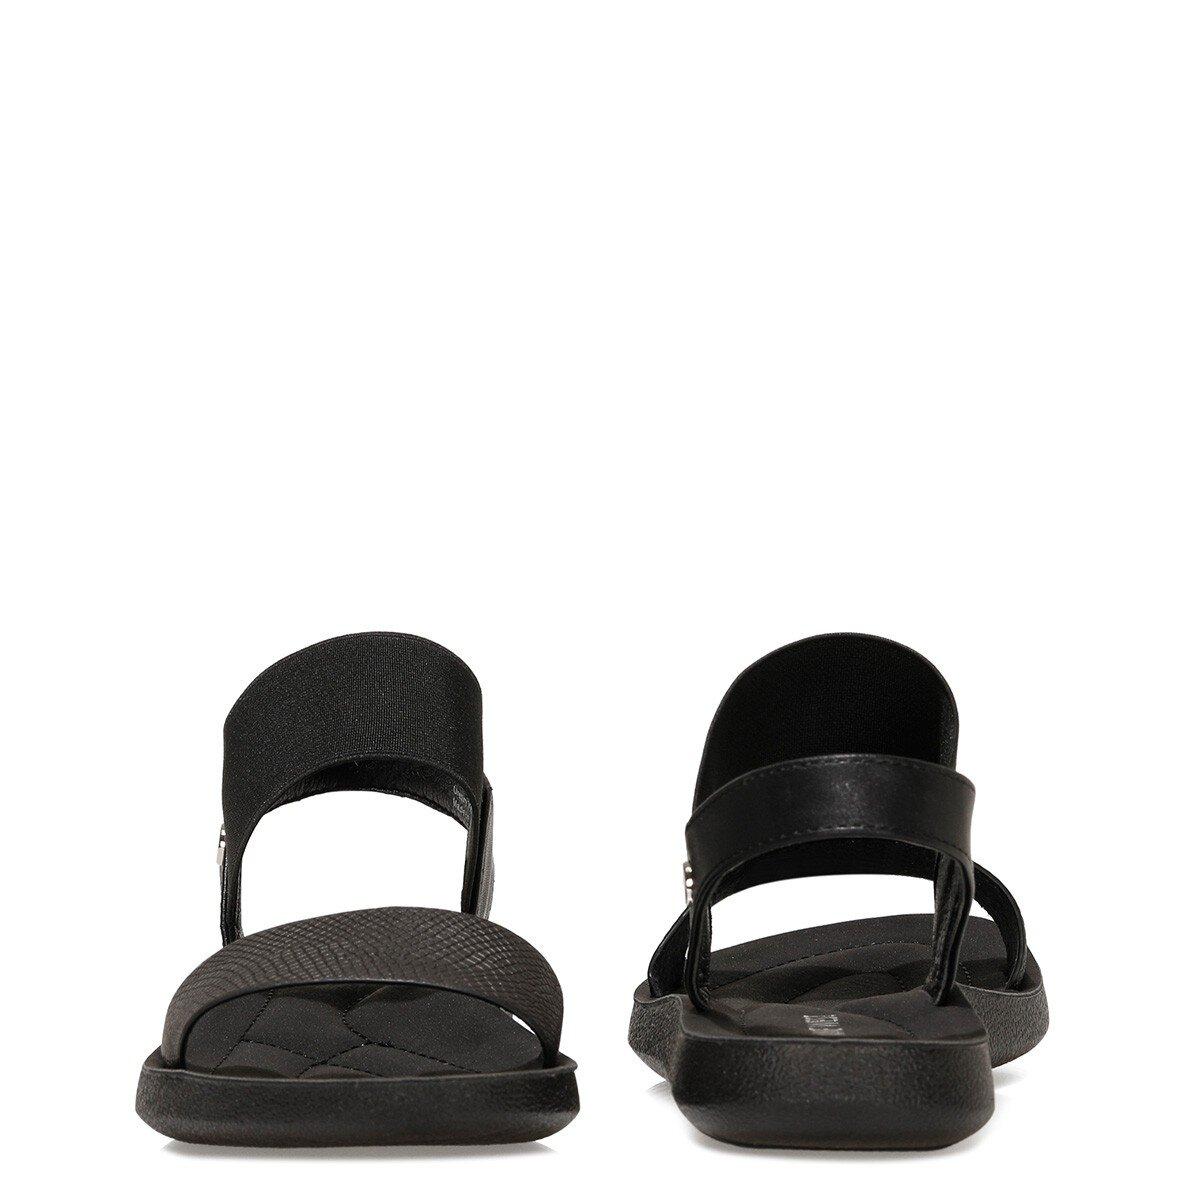 FRANKY 1FX Siyah Kadın Düz Sandalet